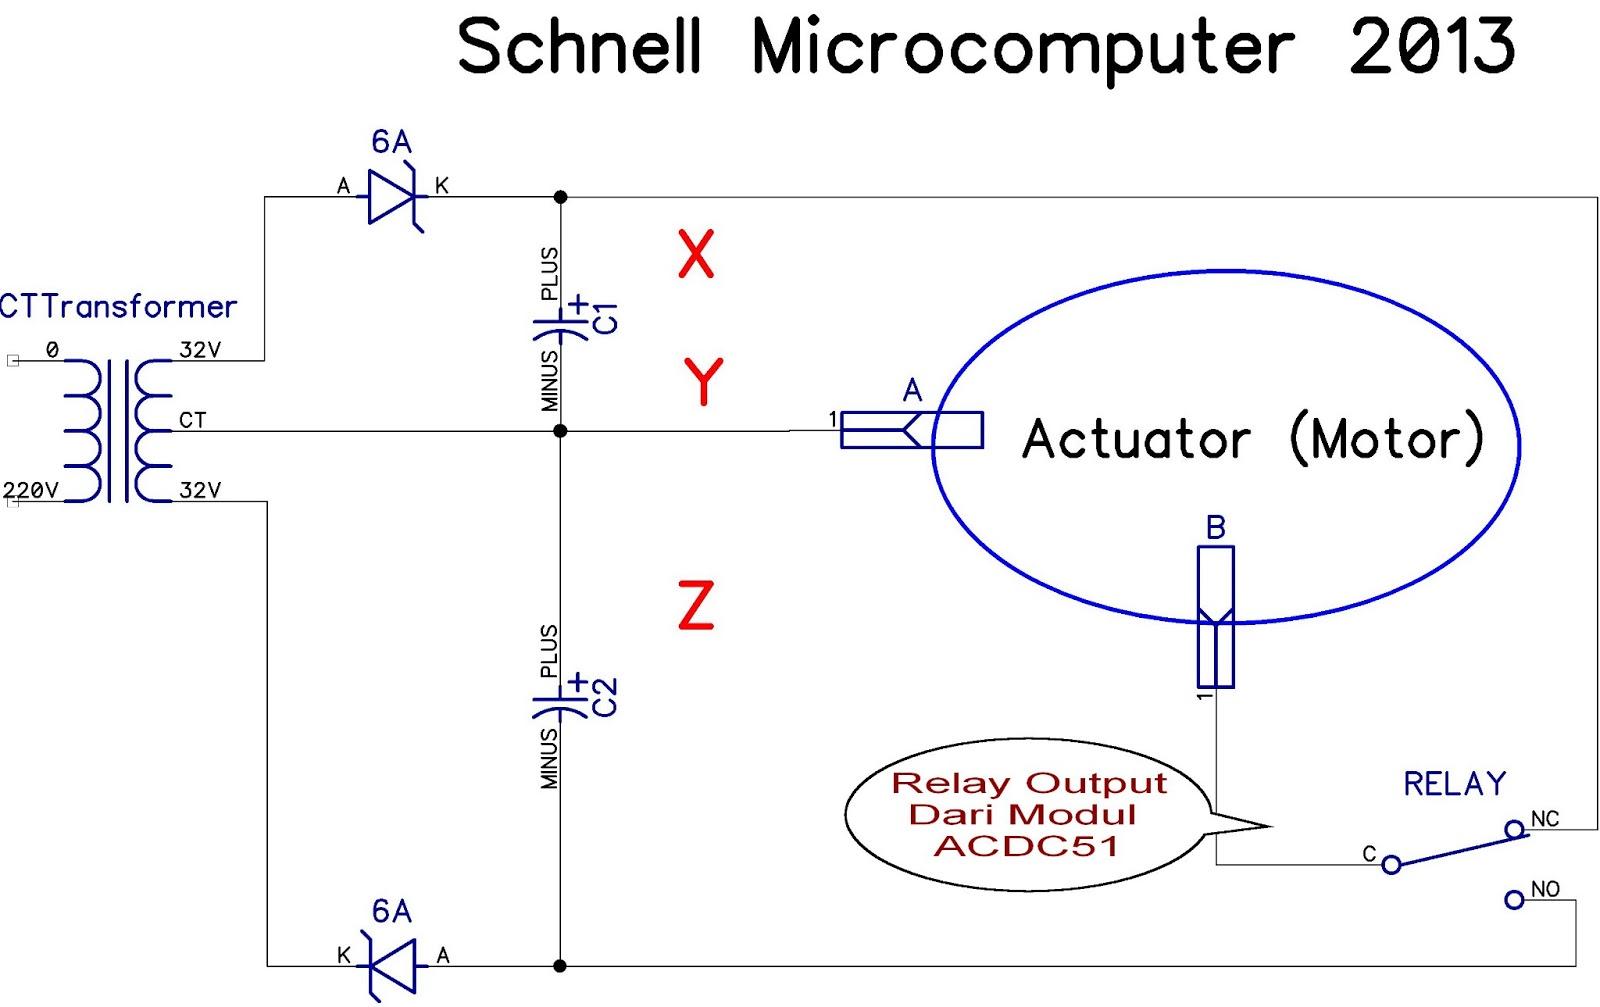 Welkom op de schnell microcomputer menghemat biaya pembuatan egg dan instalasi pemasangan dengan modul acdc51 menjadi lebih sederhana dibandingkan motor circular konvensional diagramnya adalah sebagai berikut ccuart Image collections